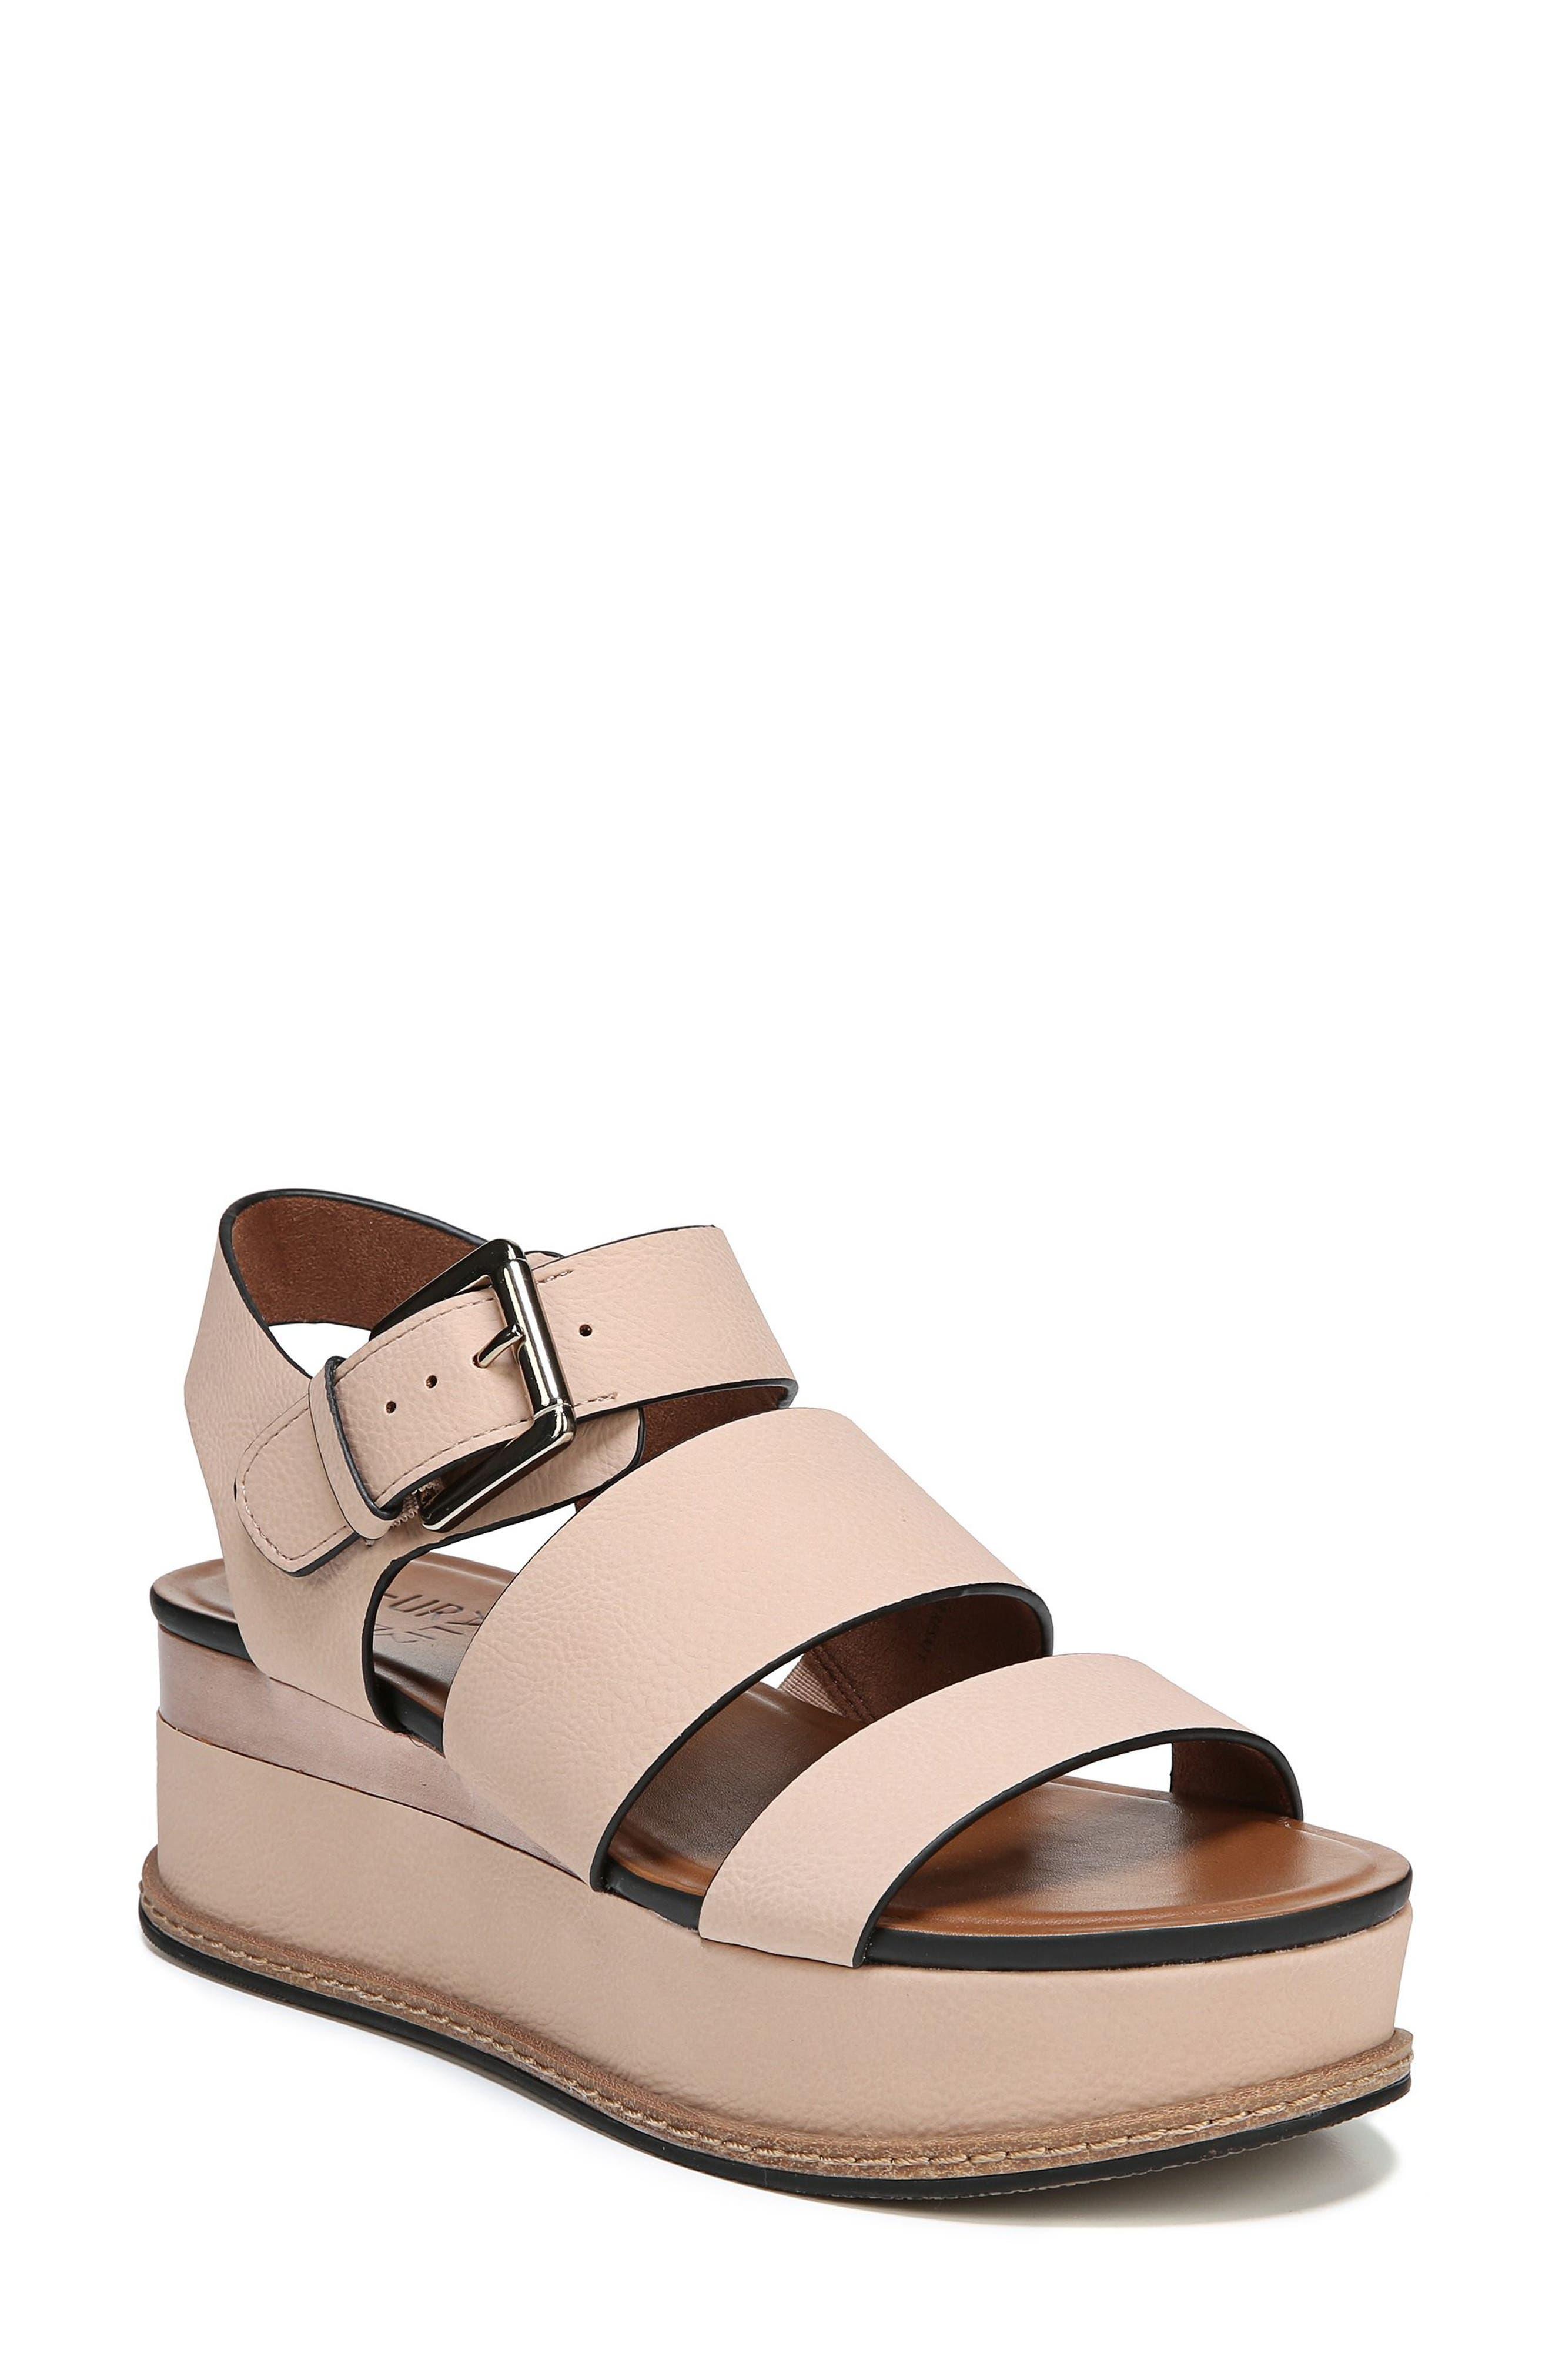 Naturalizer Billie Platform Sandal- Pink